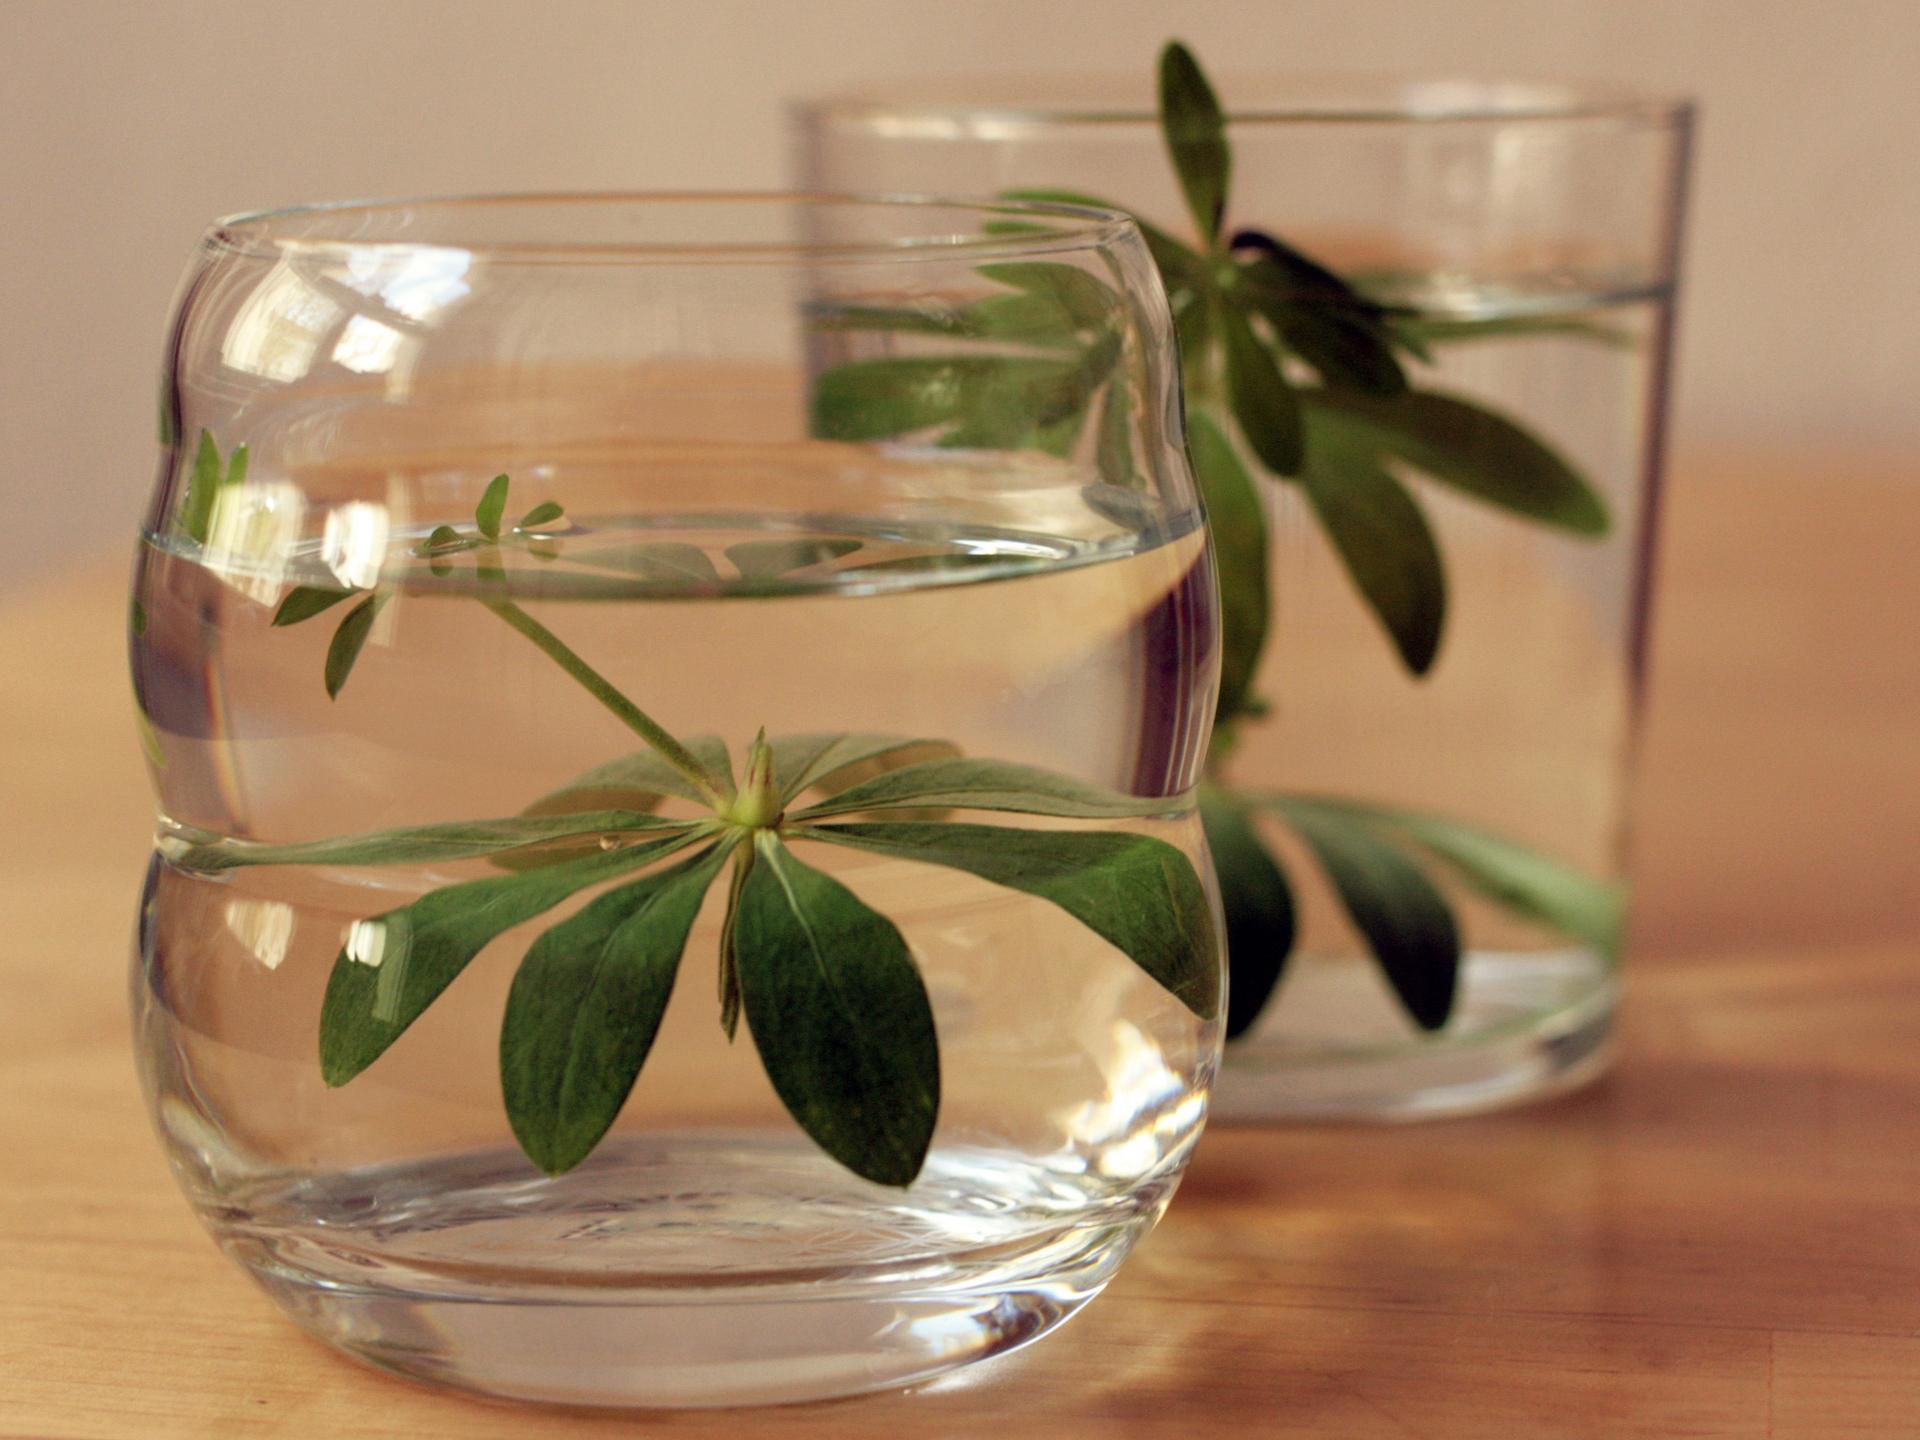 Auch wenn man häufig Bilder sieht, wo Waldmeister in die genutzte Flüssigkeit eingelegt ist, ist hier genau auf die Dauer zu achten. - Photocredit: pixabay.com/anandasandra